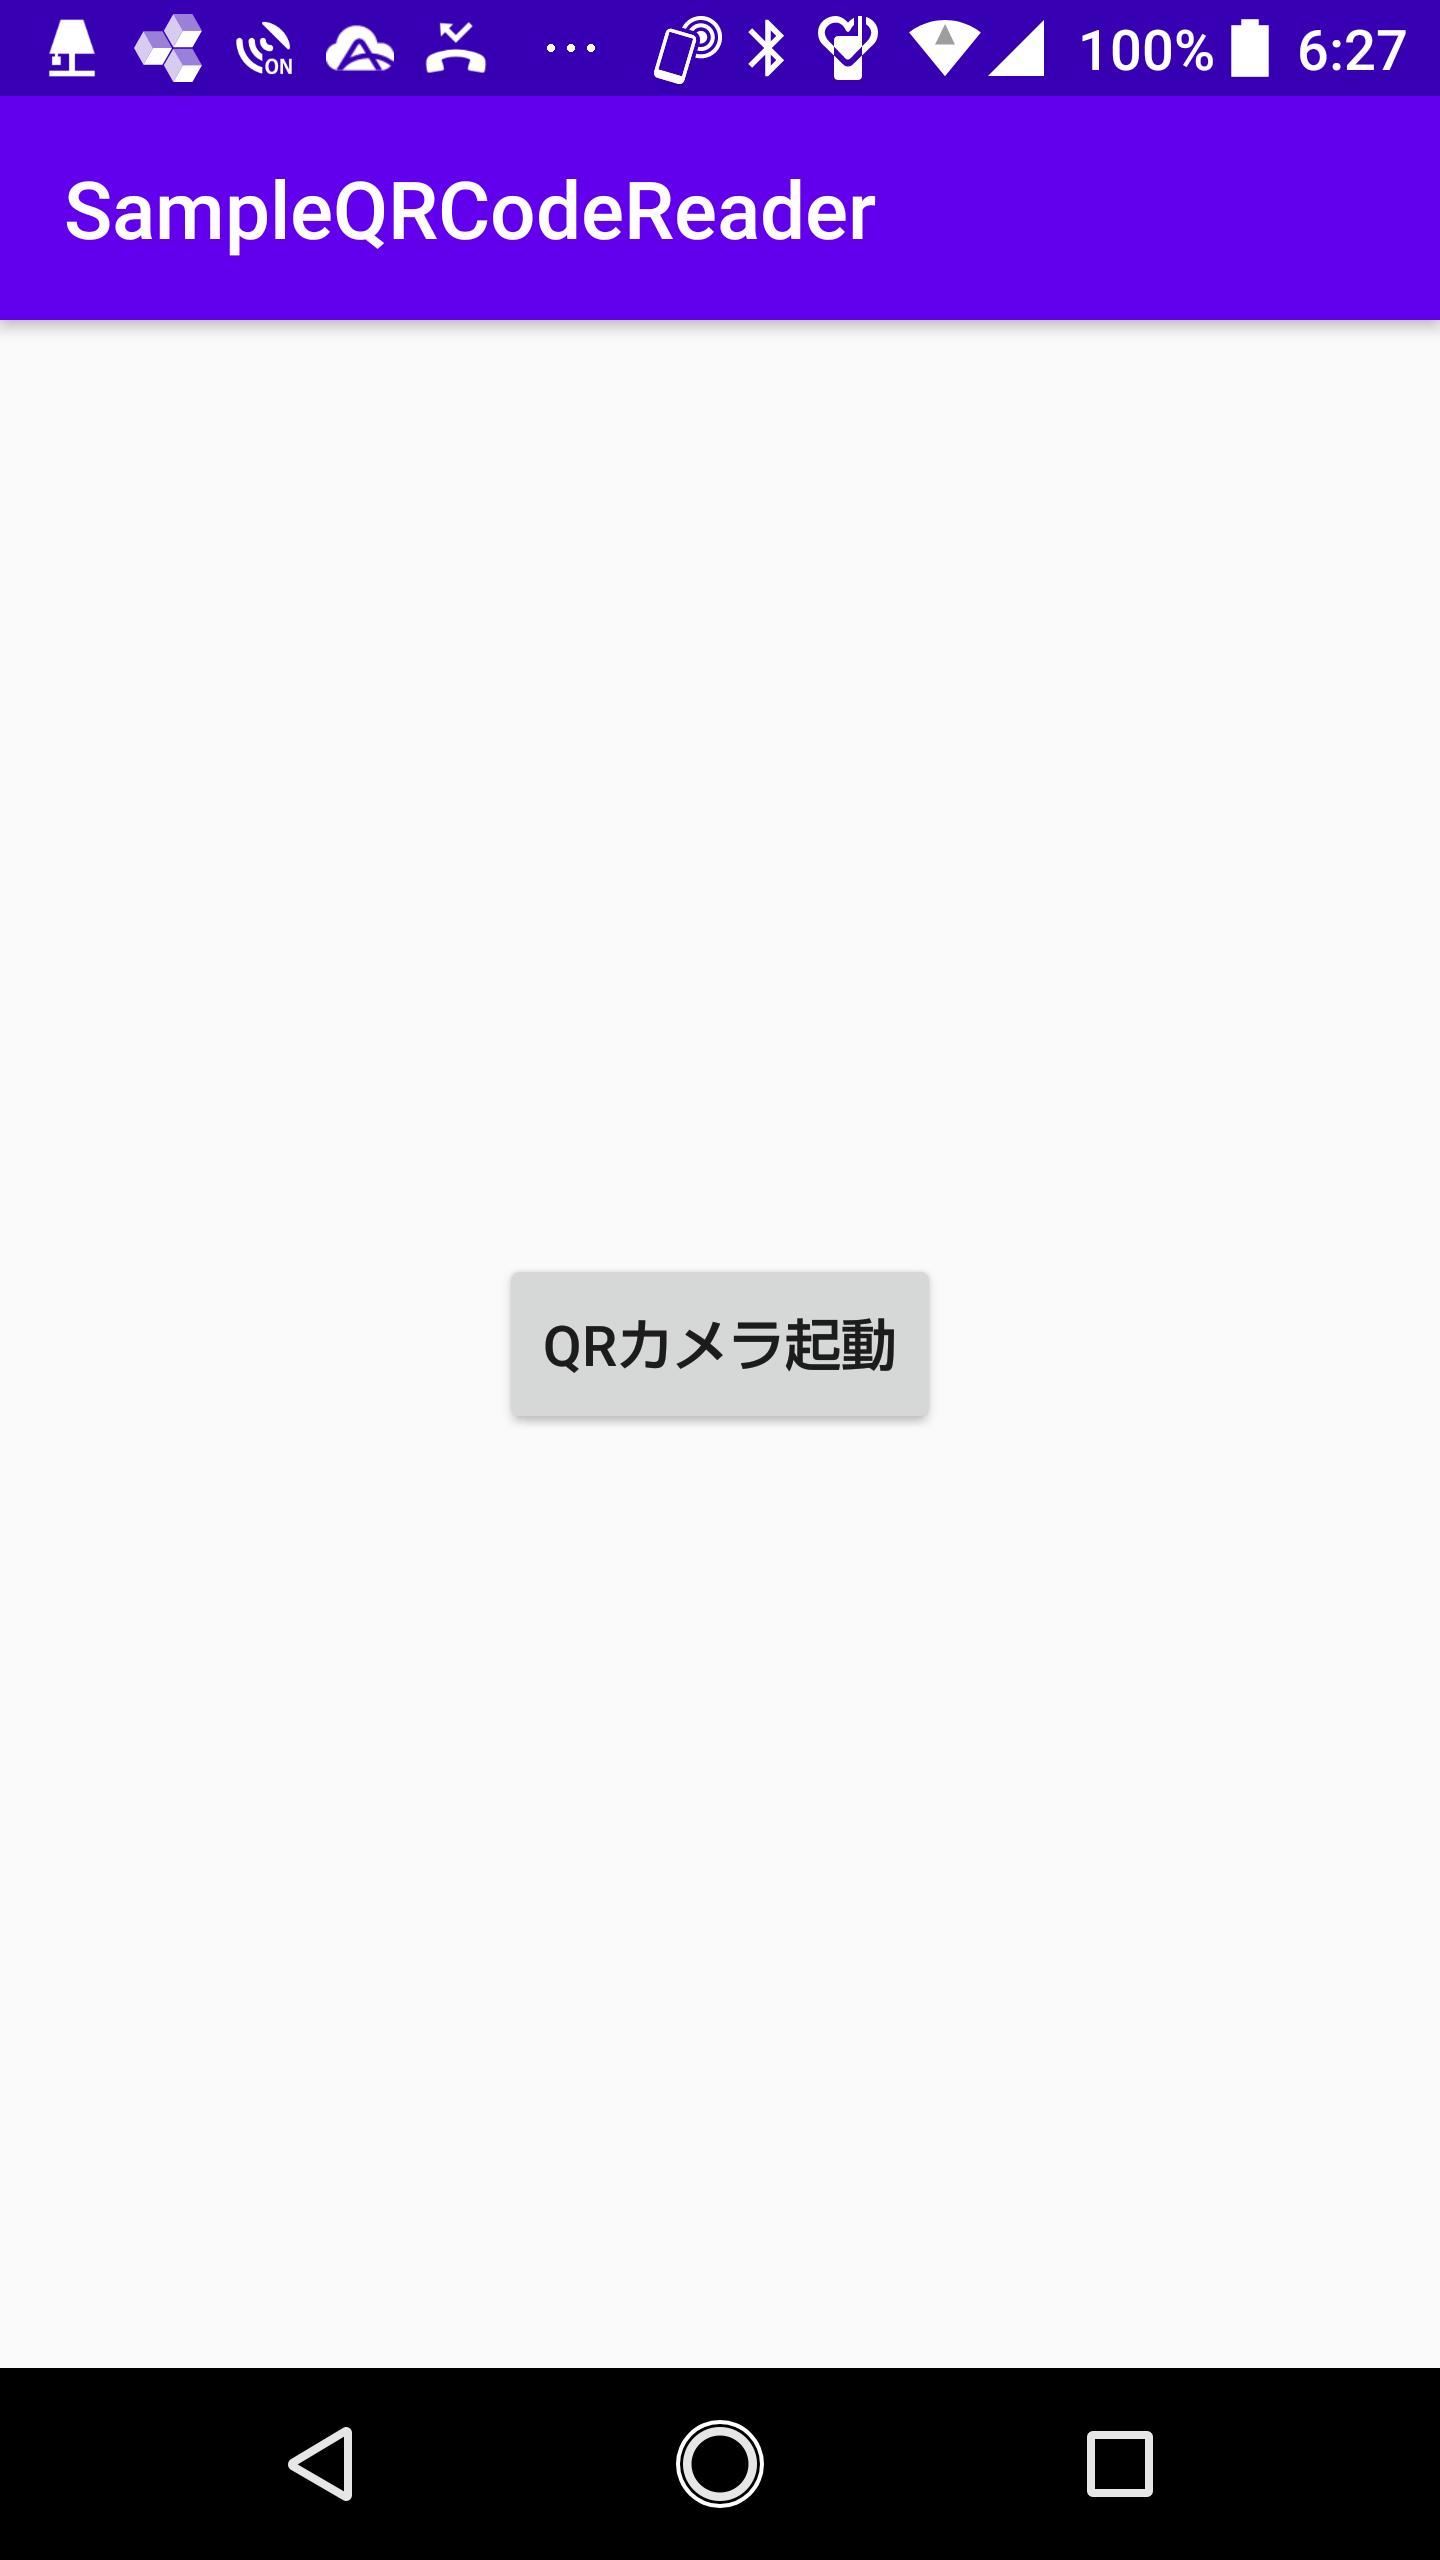 QRトップ画面.png